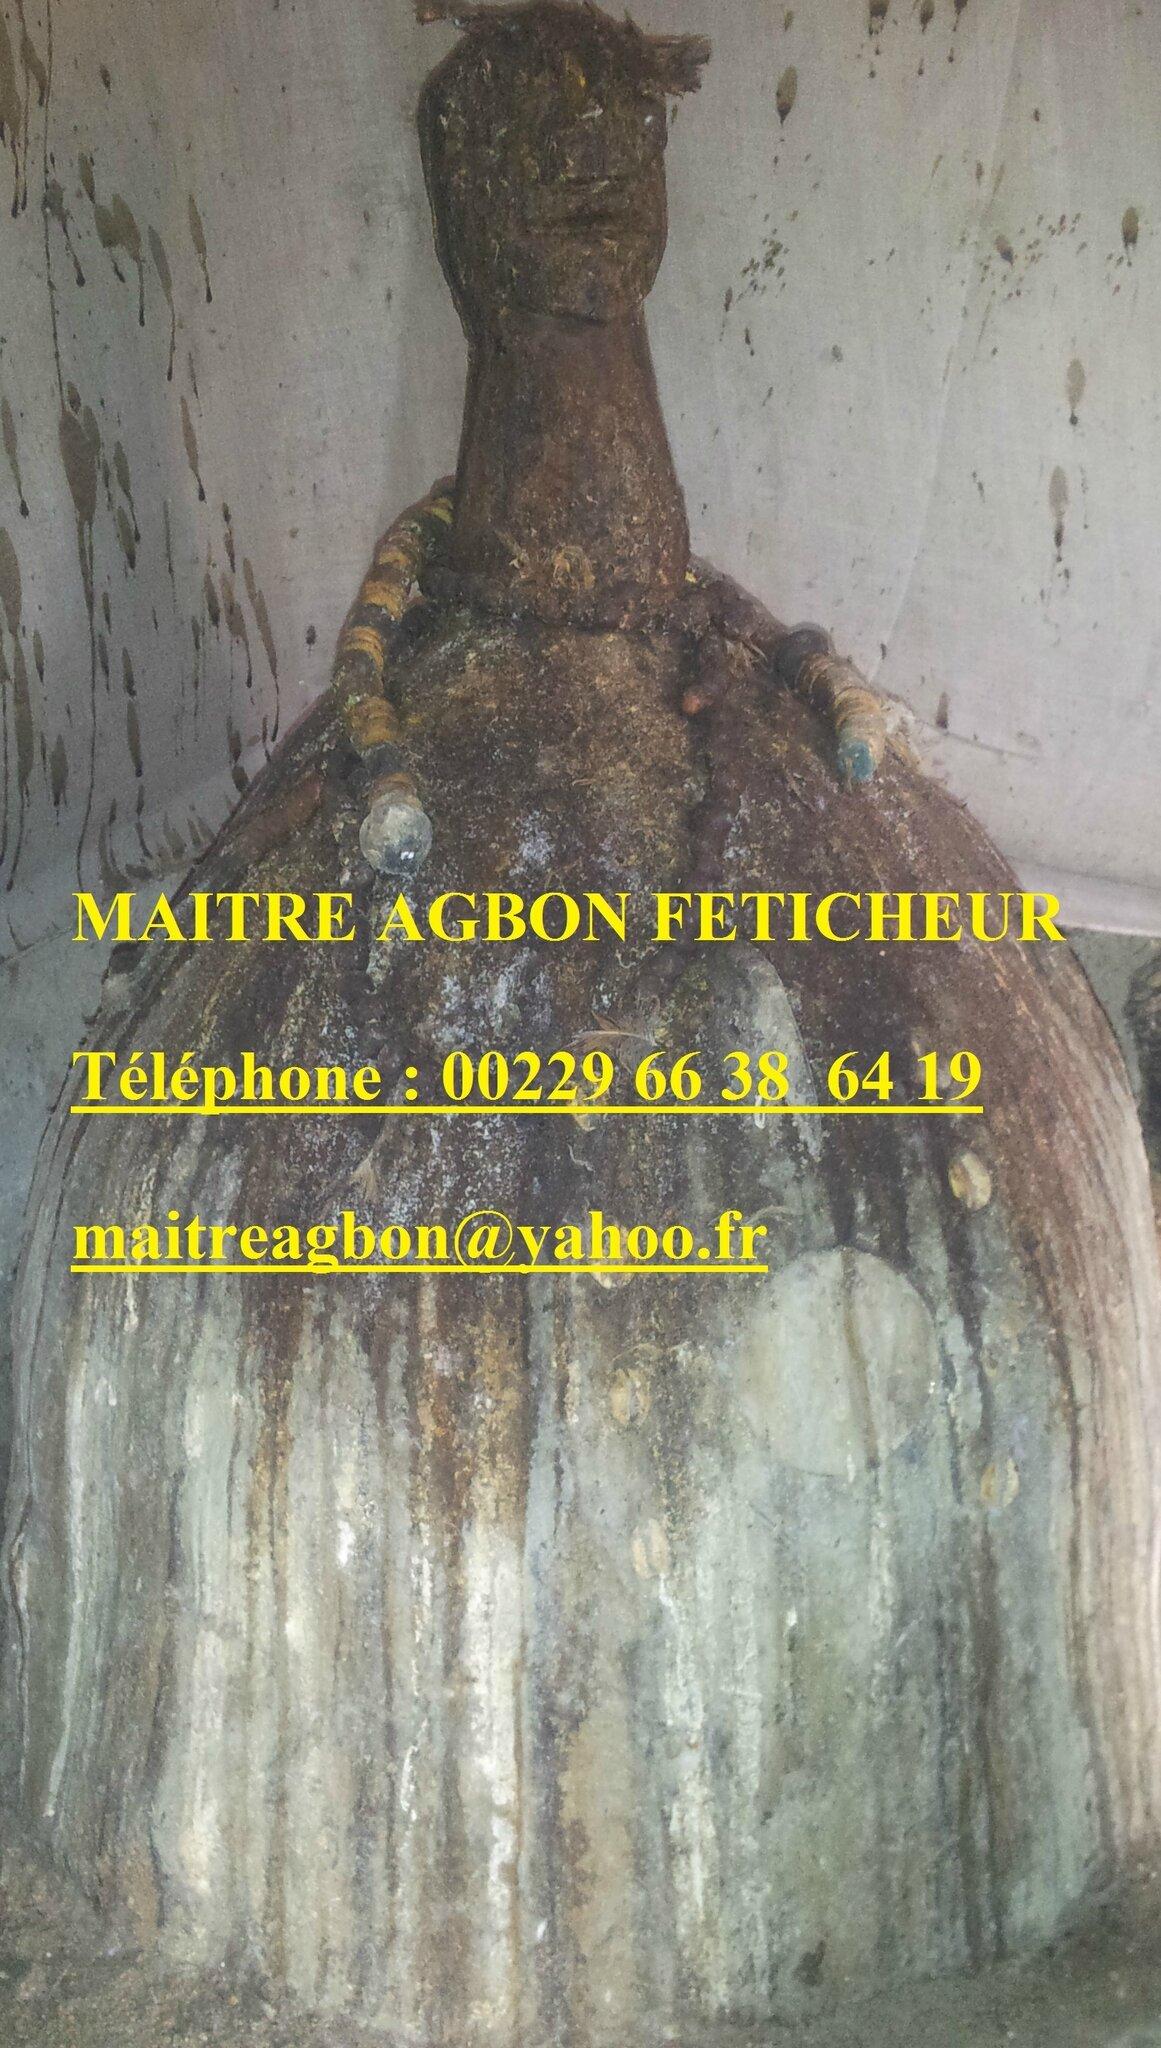 LA MAGIE NOIRE (FÉTICHES du marabout AGBON)